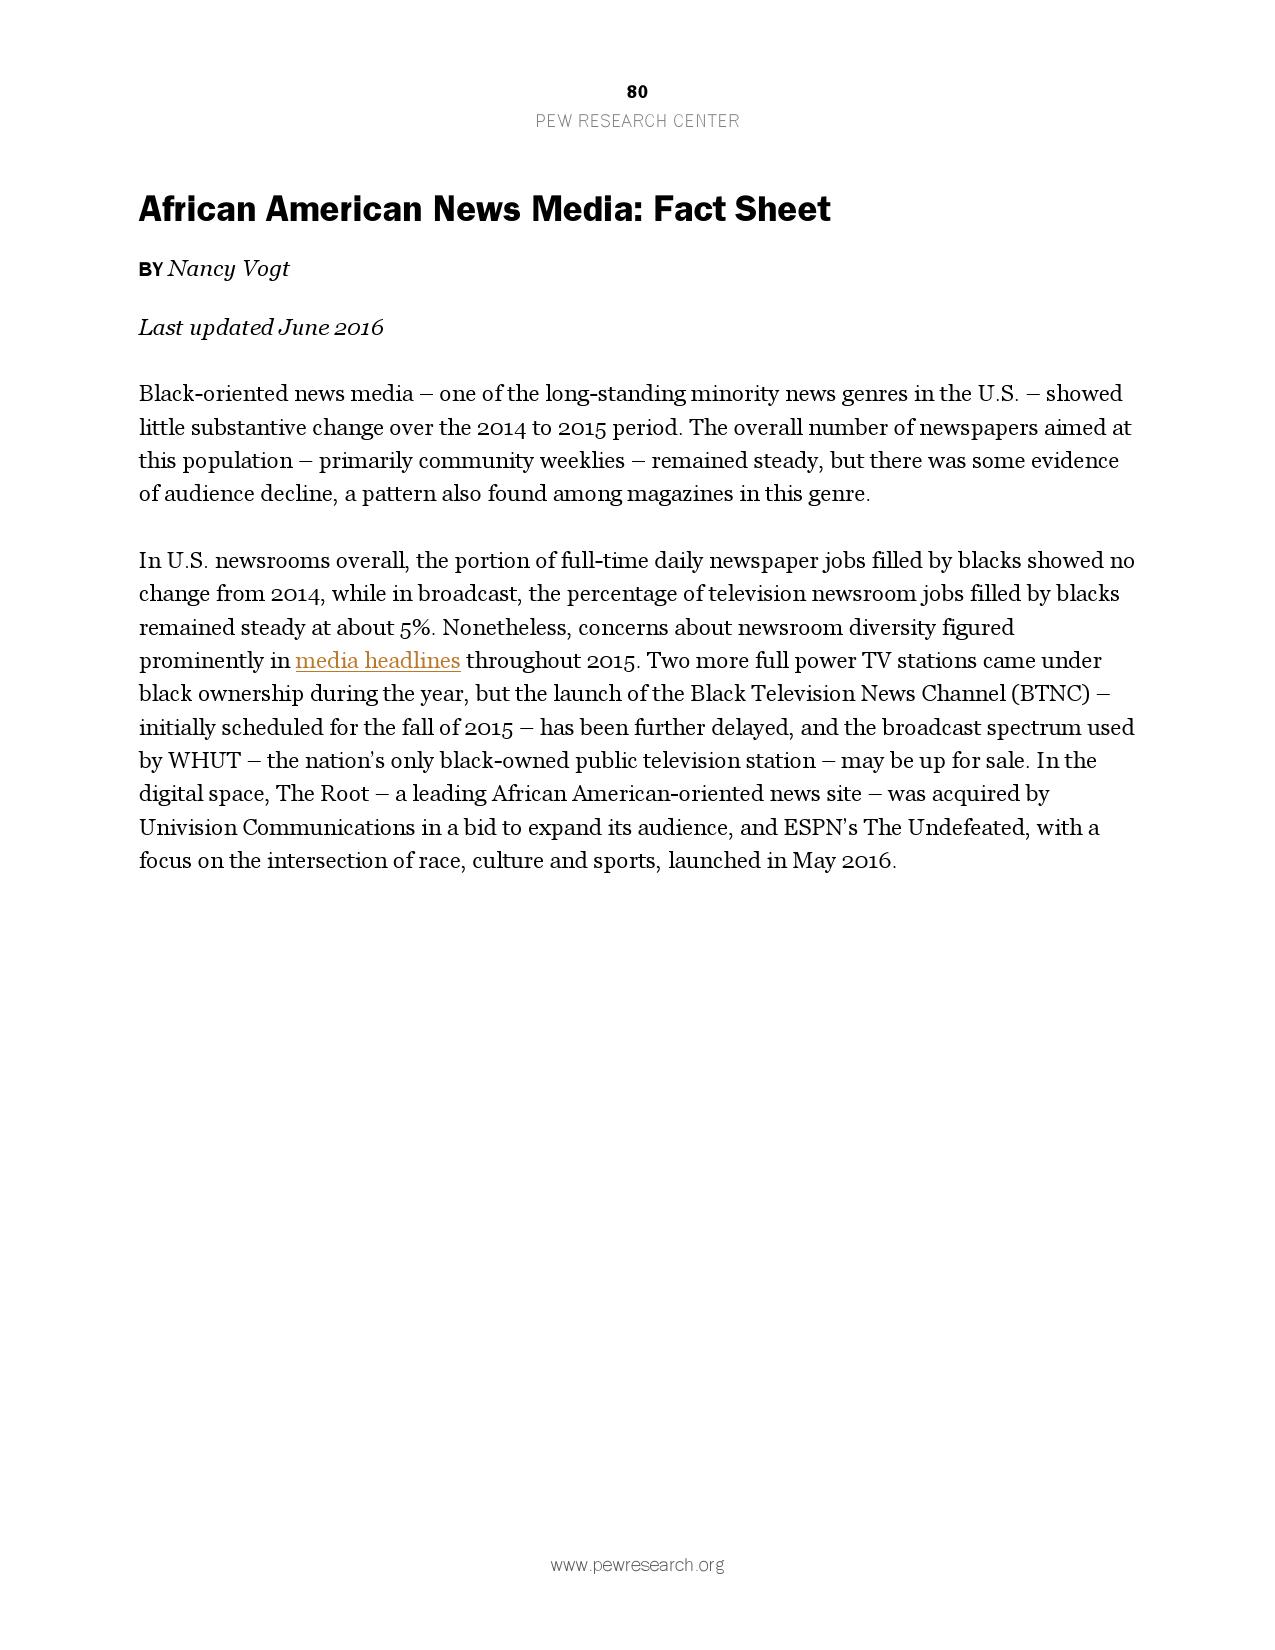 2016美国新媒体研究报告_000080